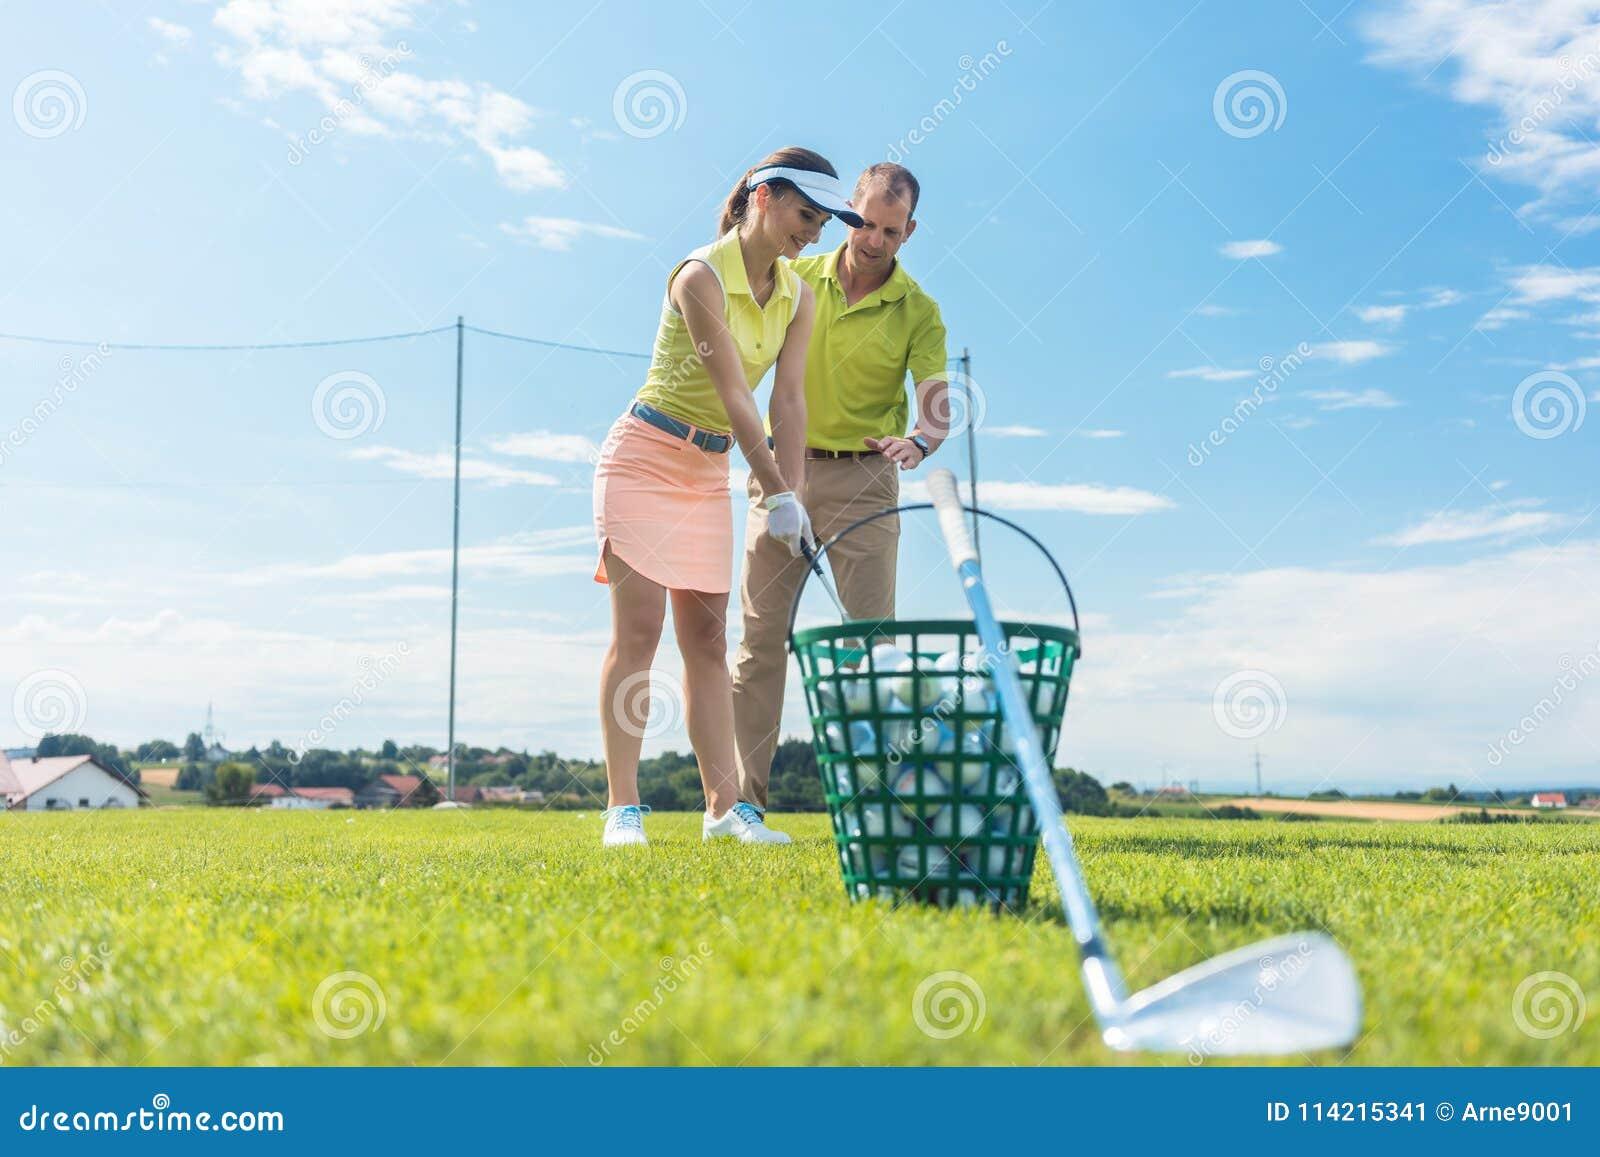 Vrolijke jonge vrouw die de correcte greep en de beweging voor het gebruiken van de golfclub leren